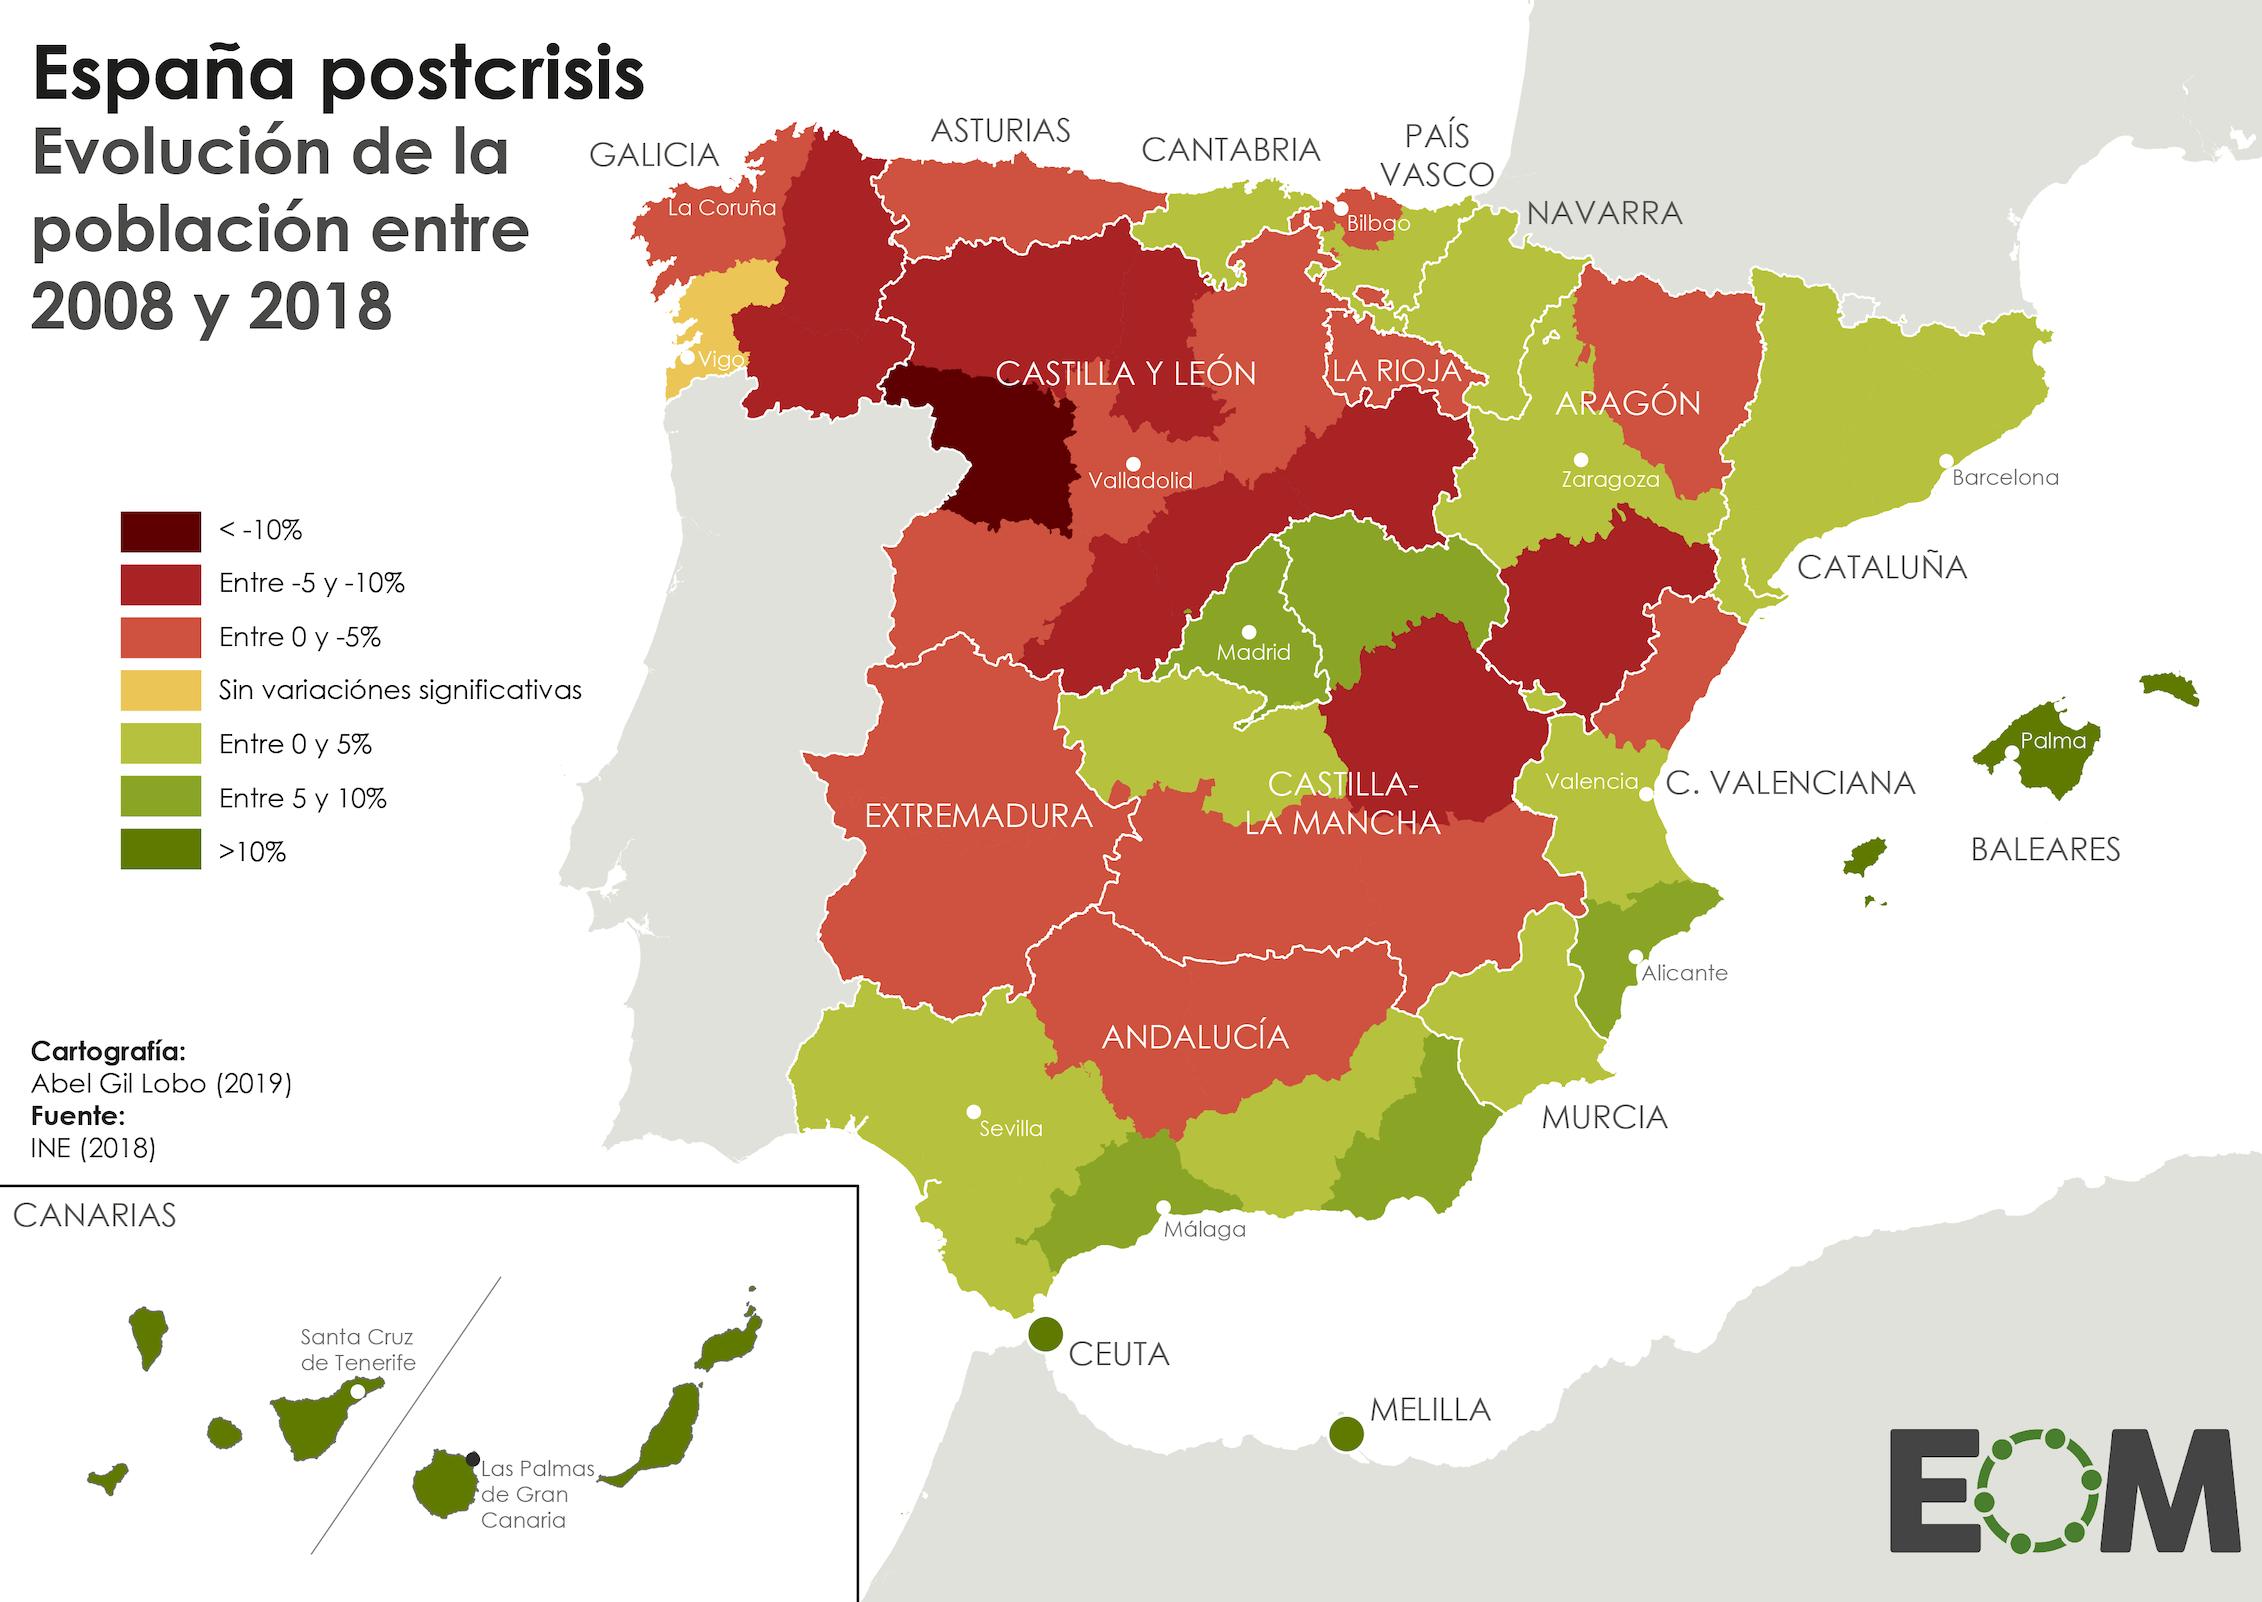 España postcrisis: Evolución de la población entre 2008 y 2018.El Orden Mundial / EOM / Abel Gil Lobo,CC BY-NC-ND